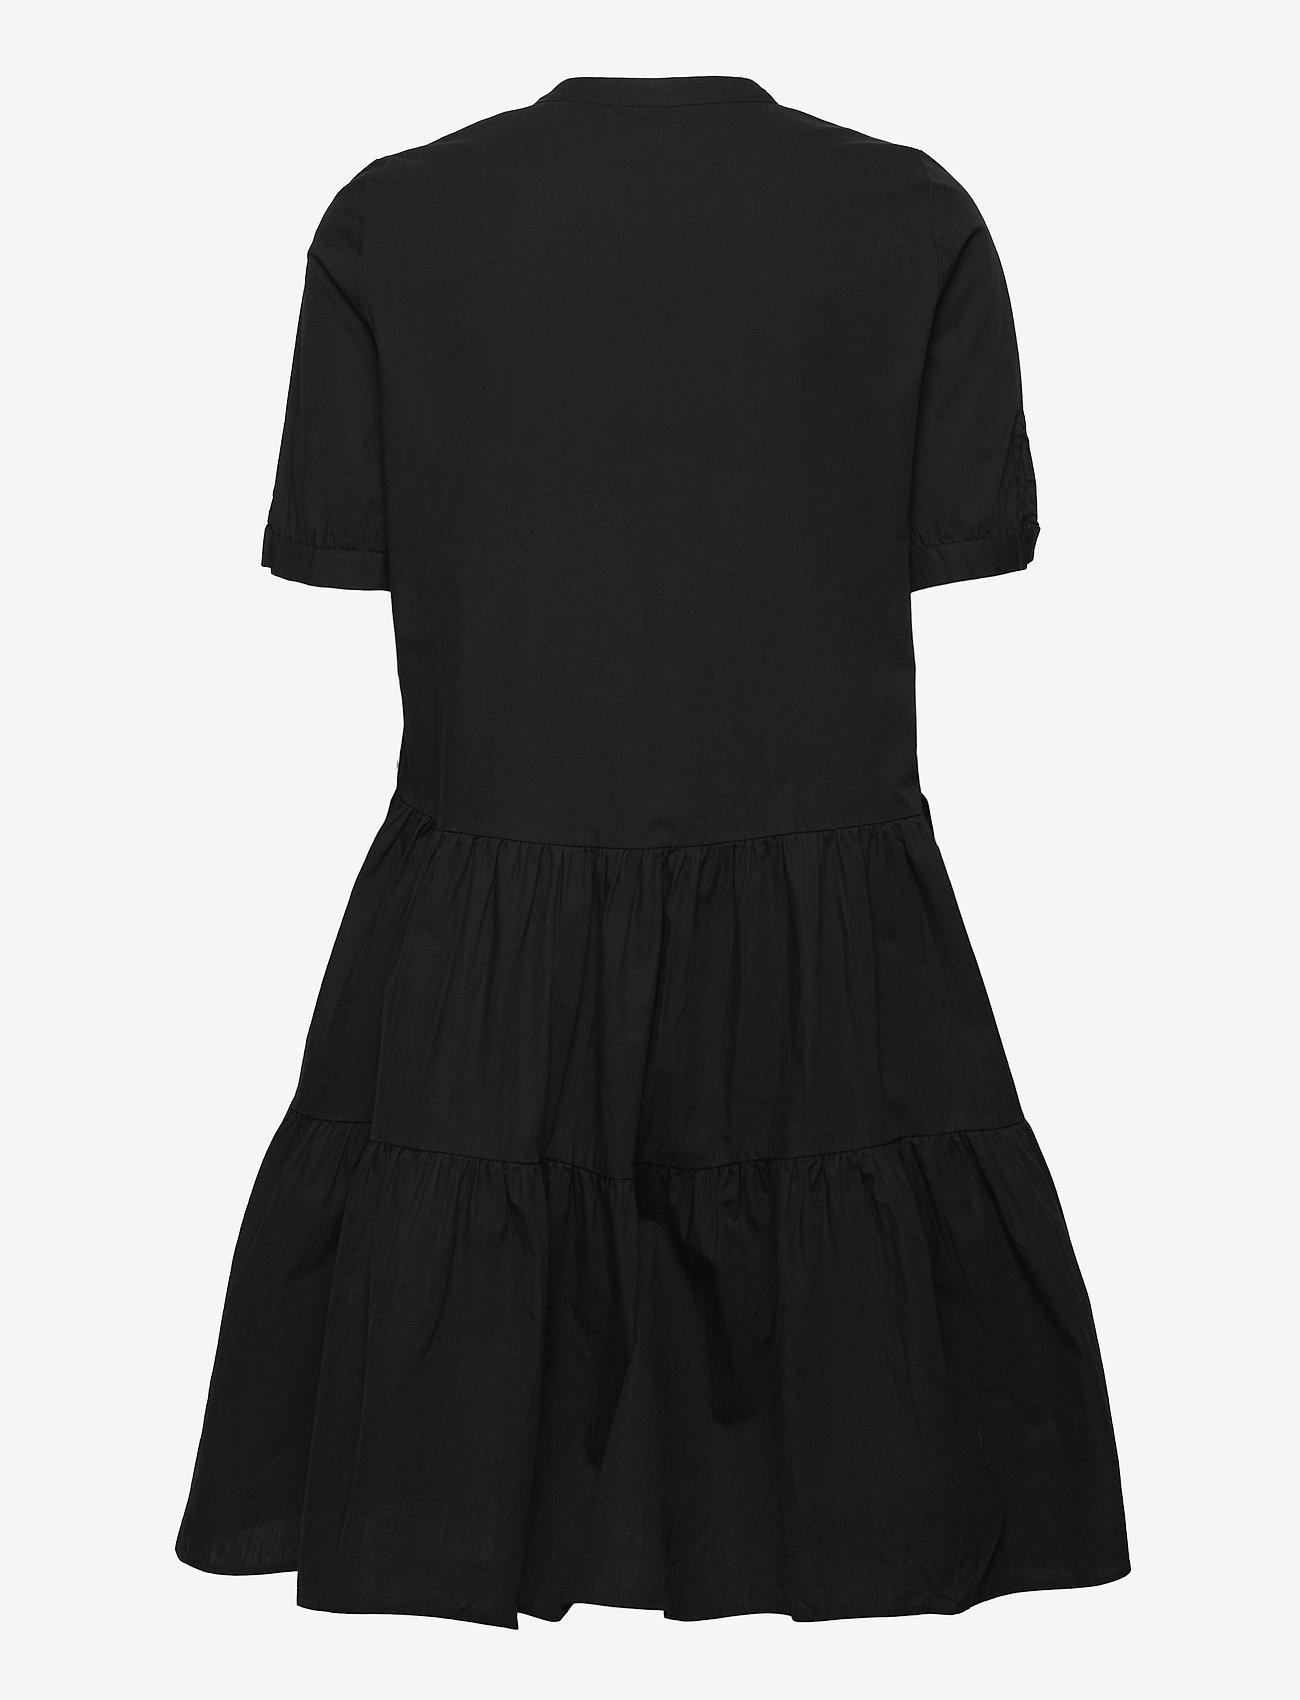 Vero Moda - VMDELTA 2/4 ABK DRESS WVN DA GA KI COLOR - sommarklänningar - black - 1